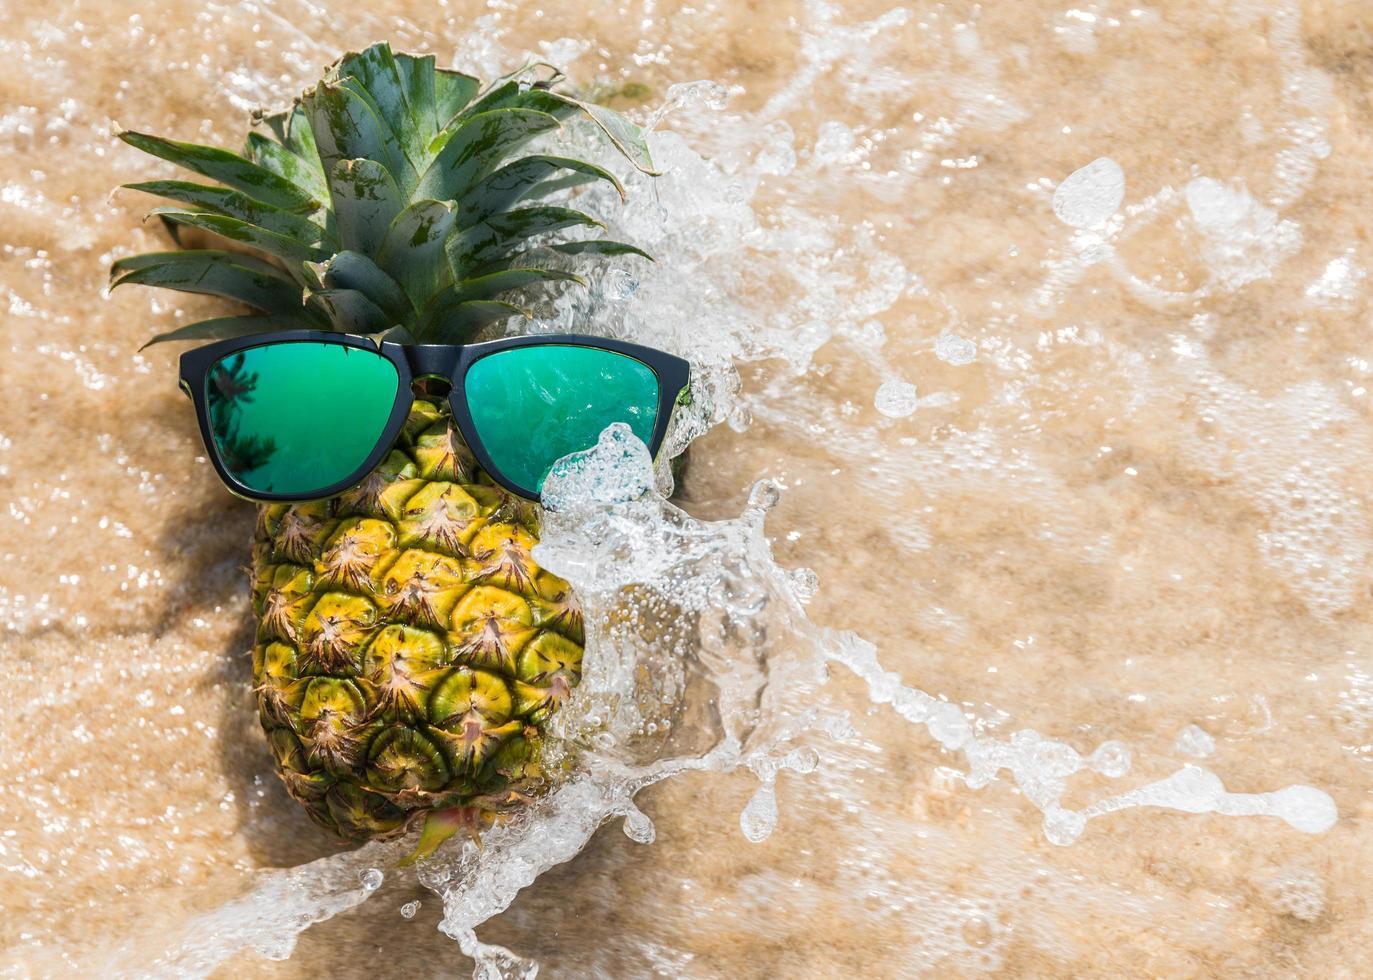 ananas och solglasögon stänkta av vågor foto